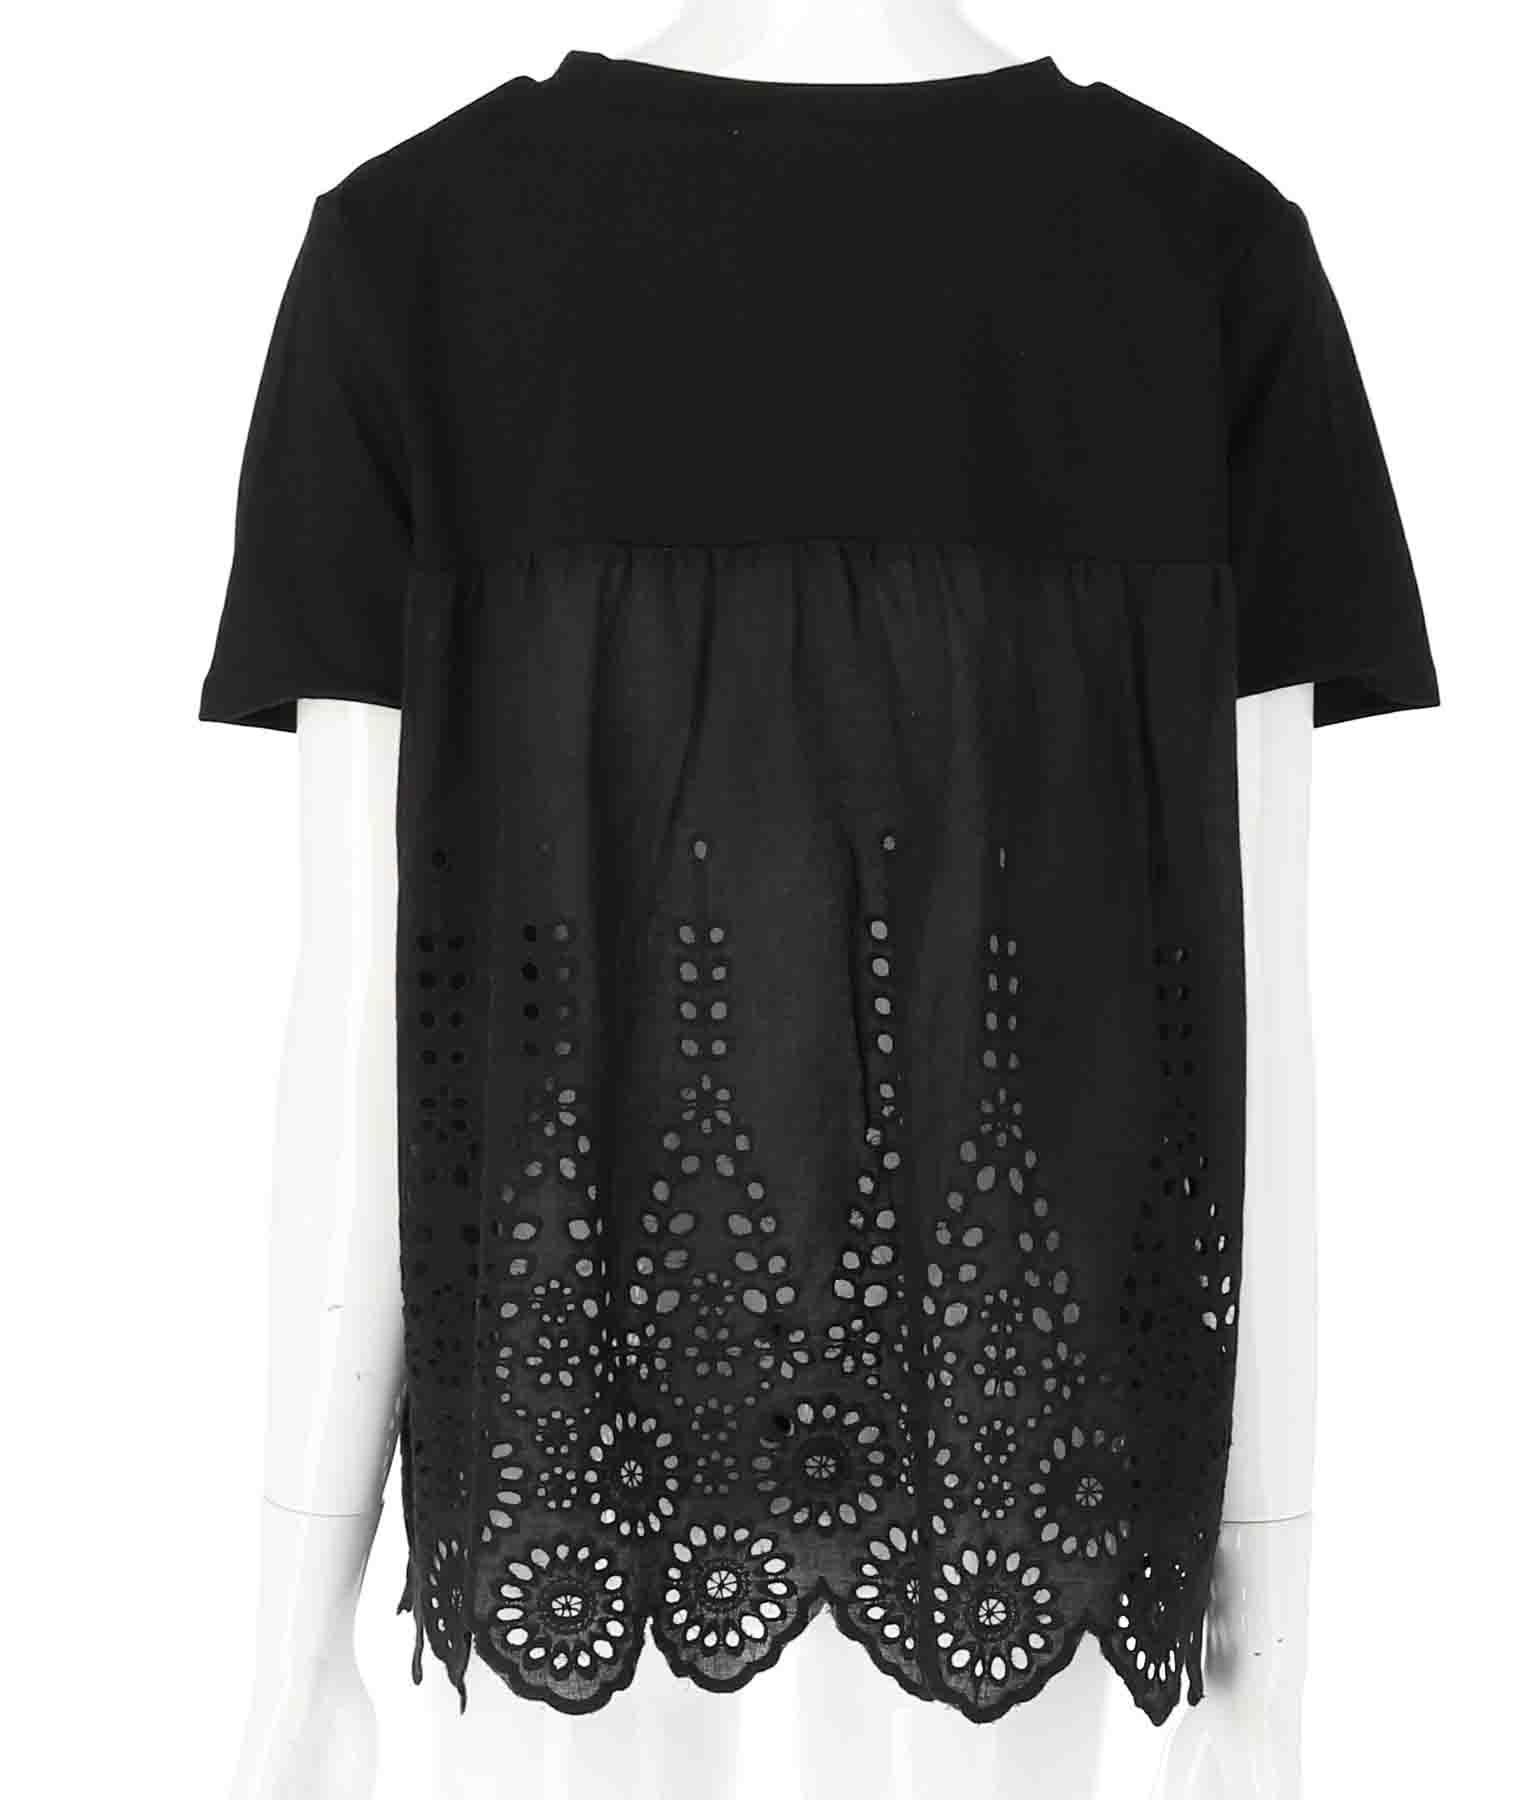 バックレース切替Tシャツ(トップス/Tシャツ) | CHILLE